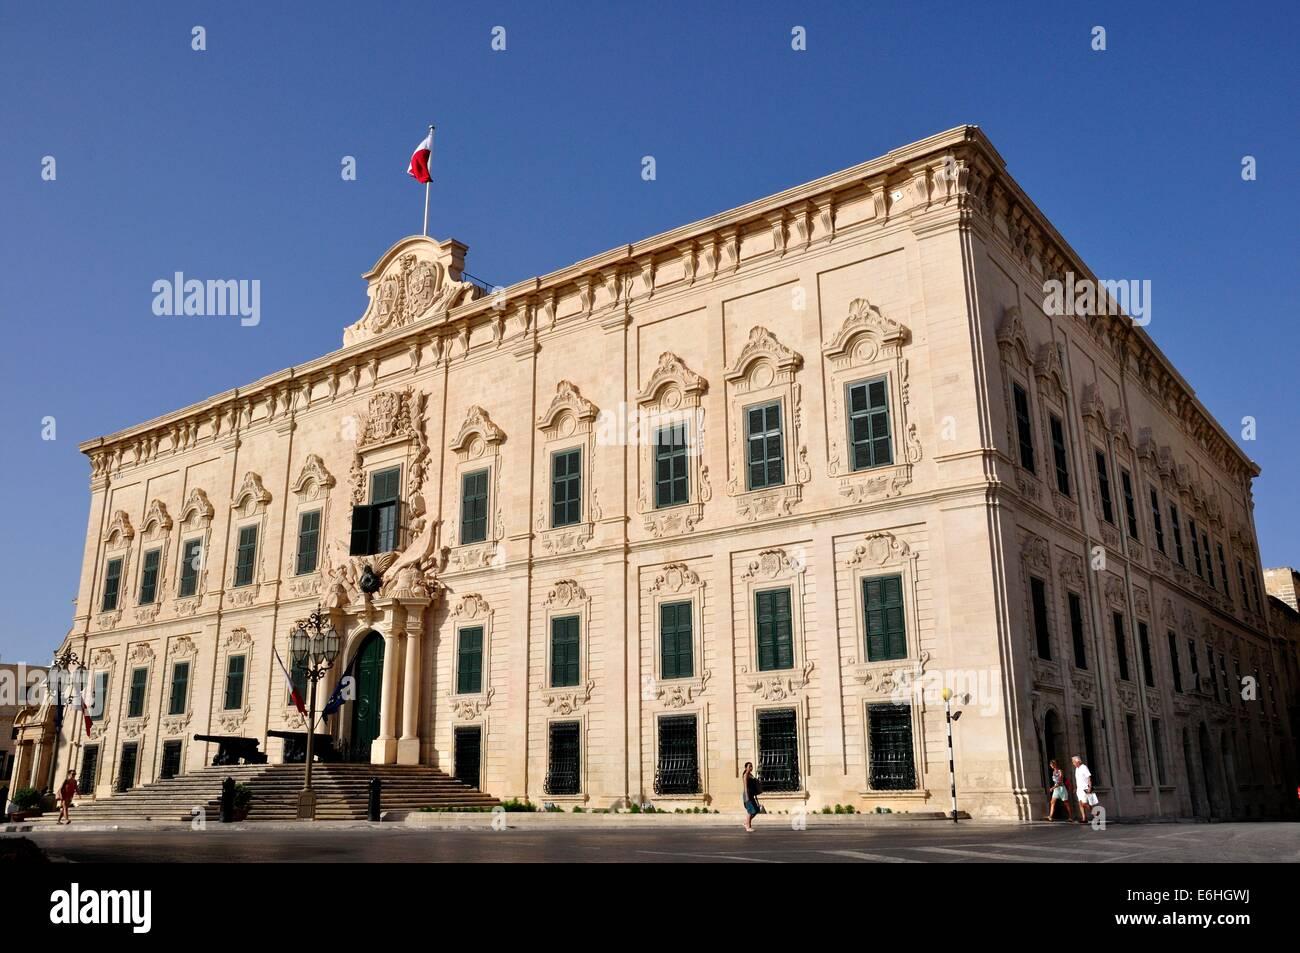 L'Auberge de Castille,La Valette,Malte, cabinet du Premier Ministre on